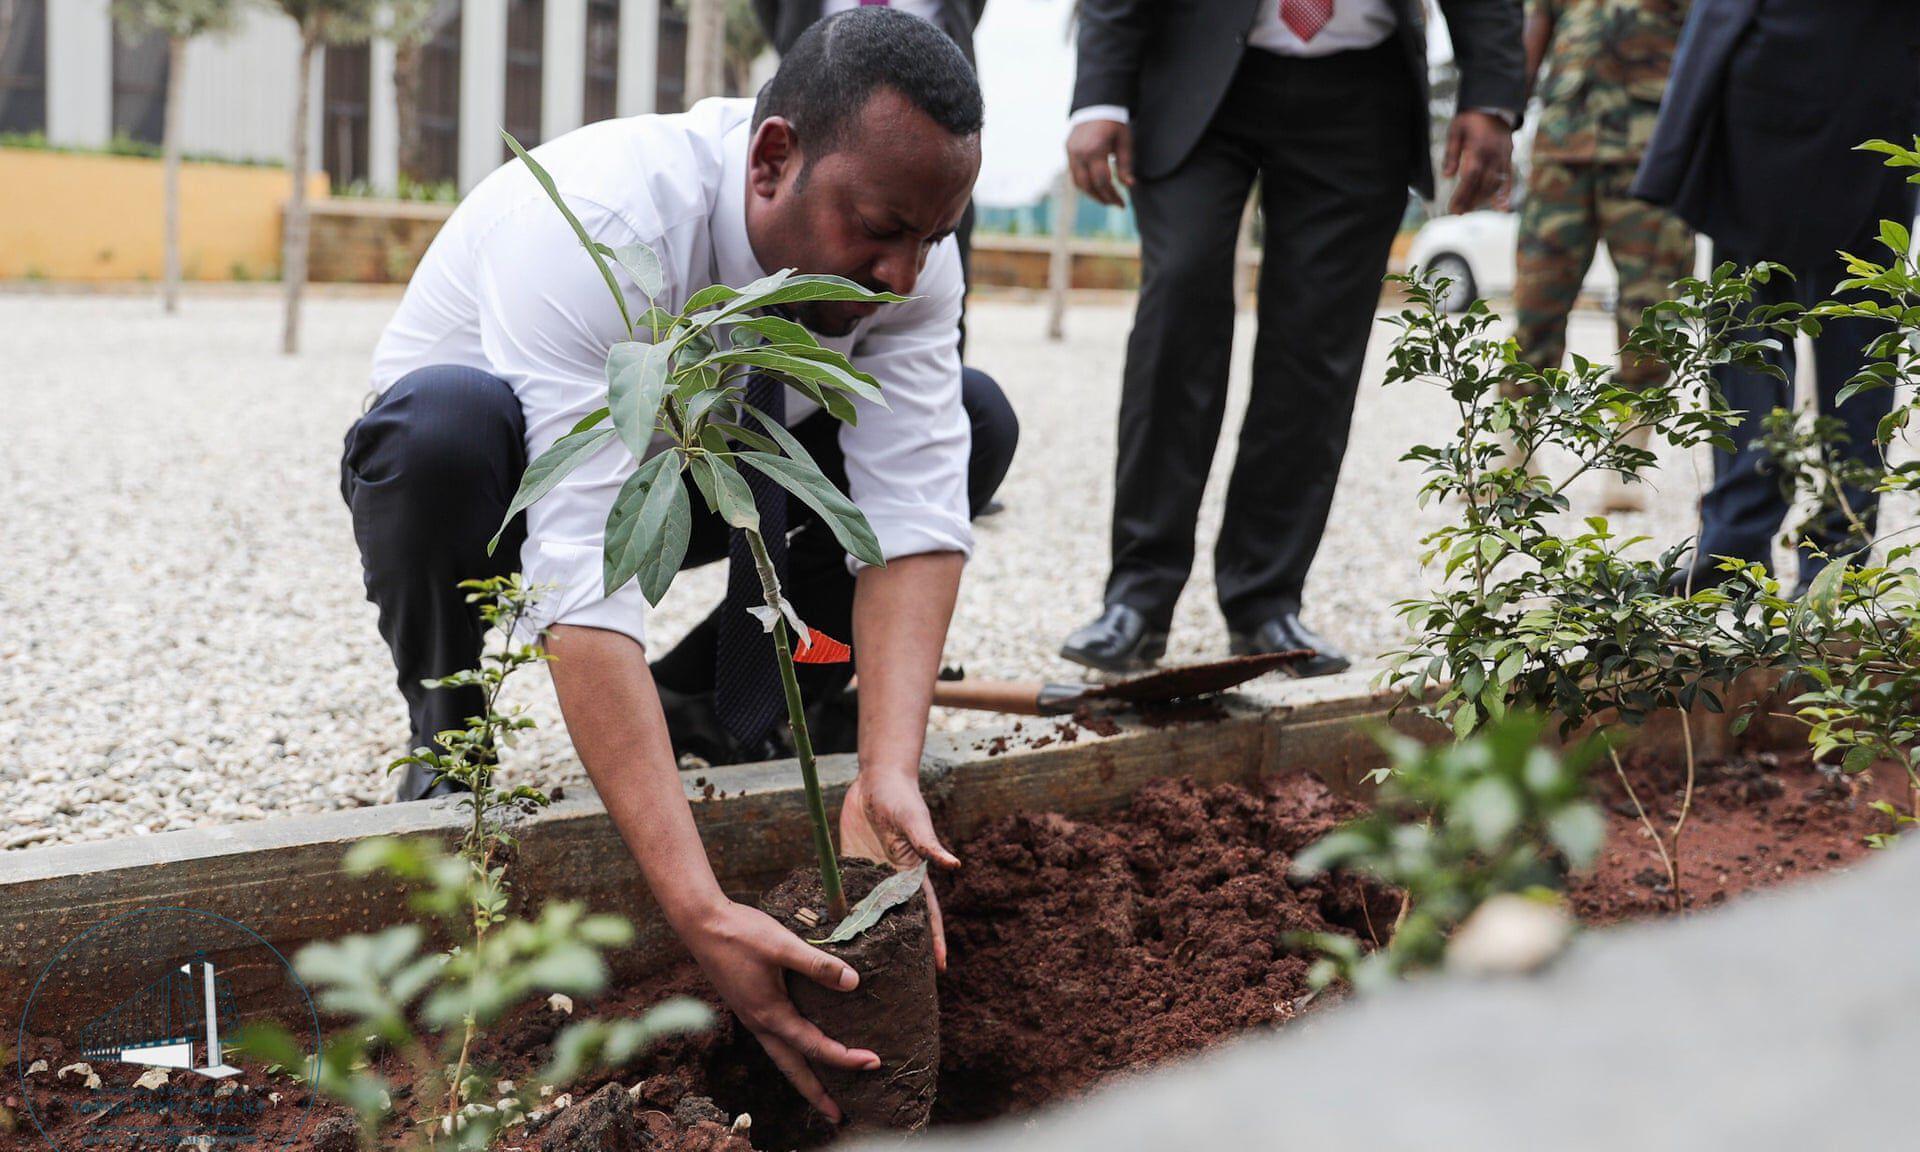 etiópia faültetés klímakatasztrófa